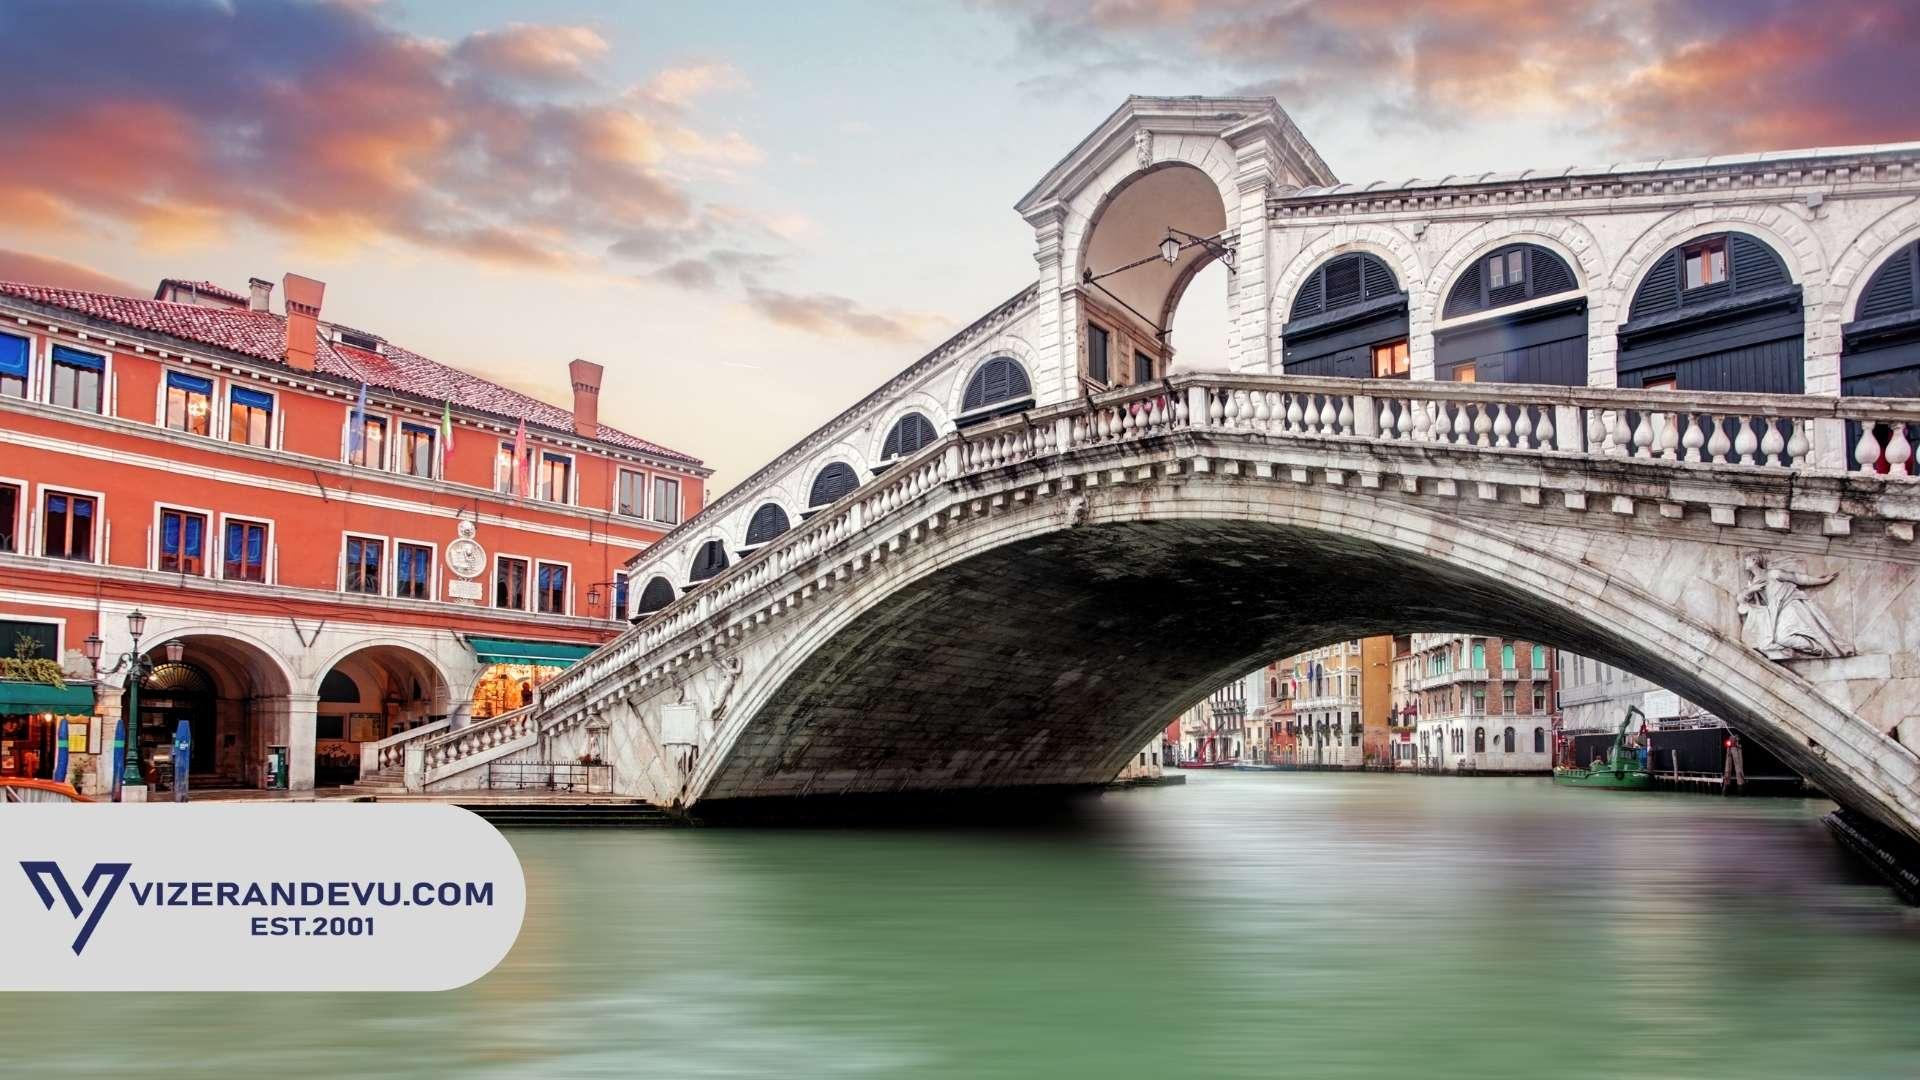 İtalya Çalışma Vizesi İçin Nereye ve Ne Zaman Başvurabilirsiniz?